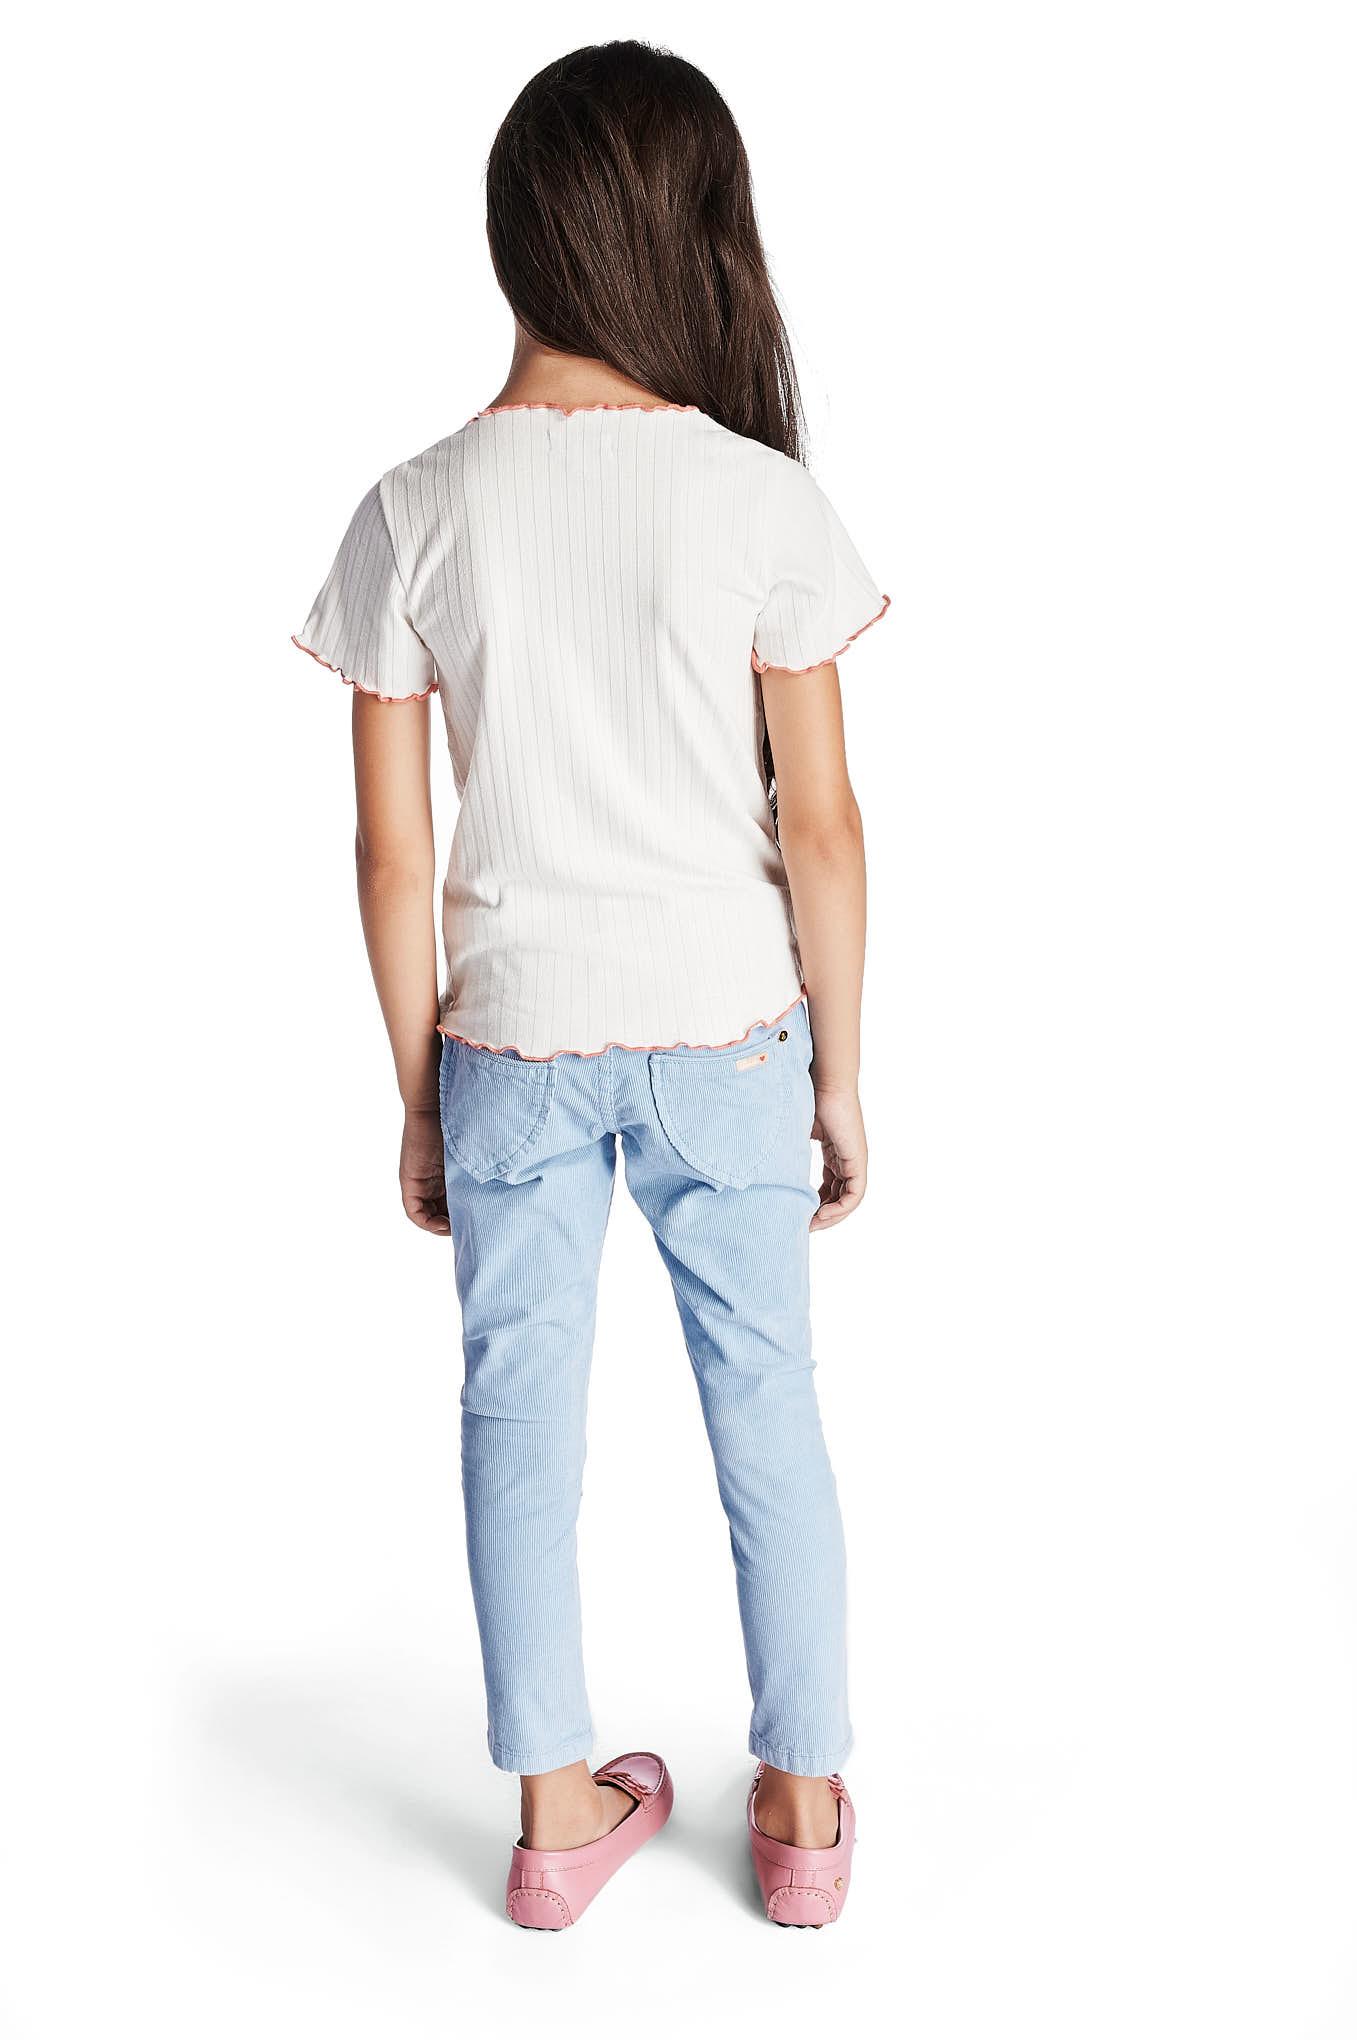 Calças 5 Bolsos Azul Claro Casual Rapariga